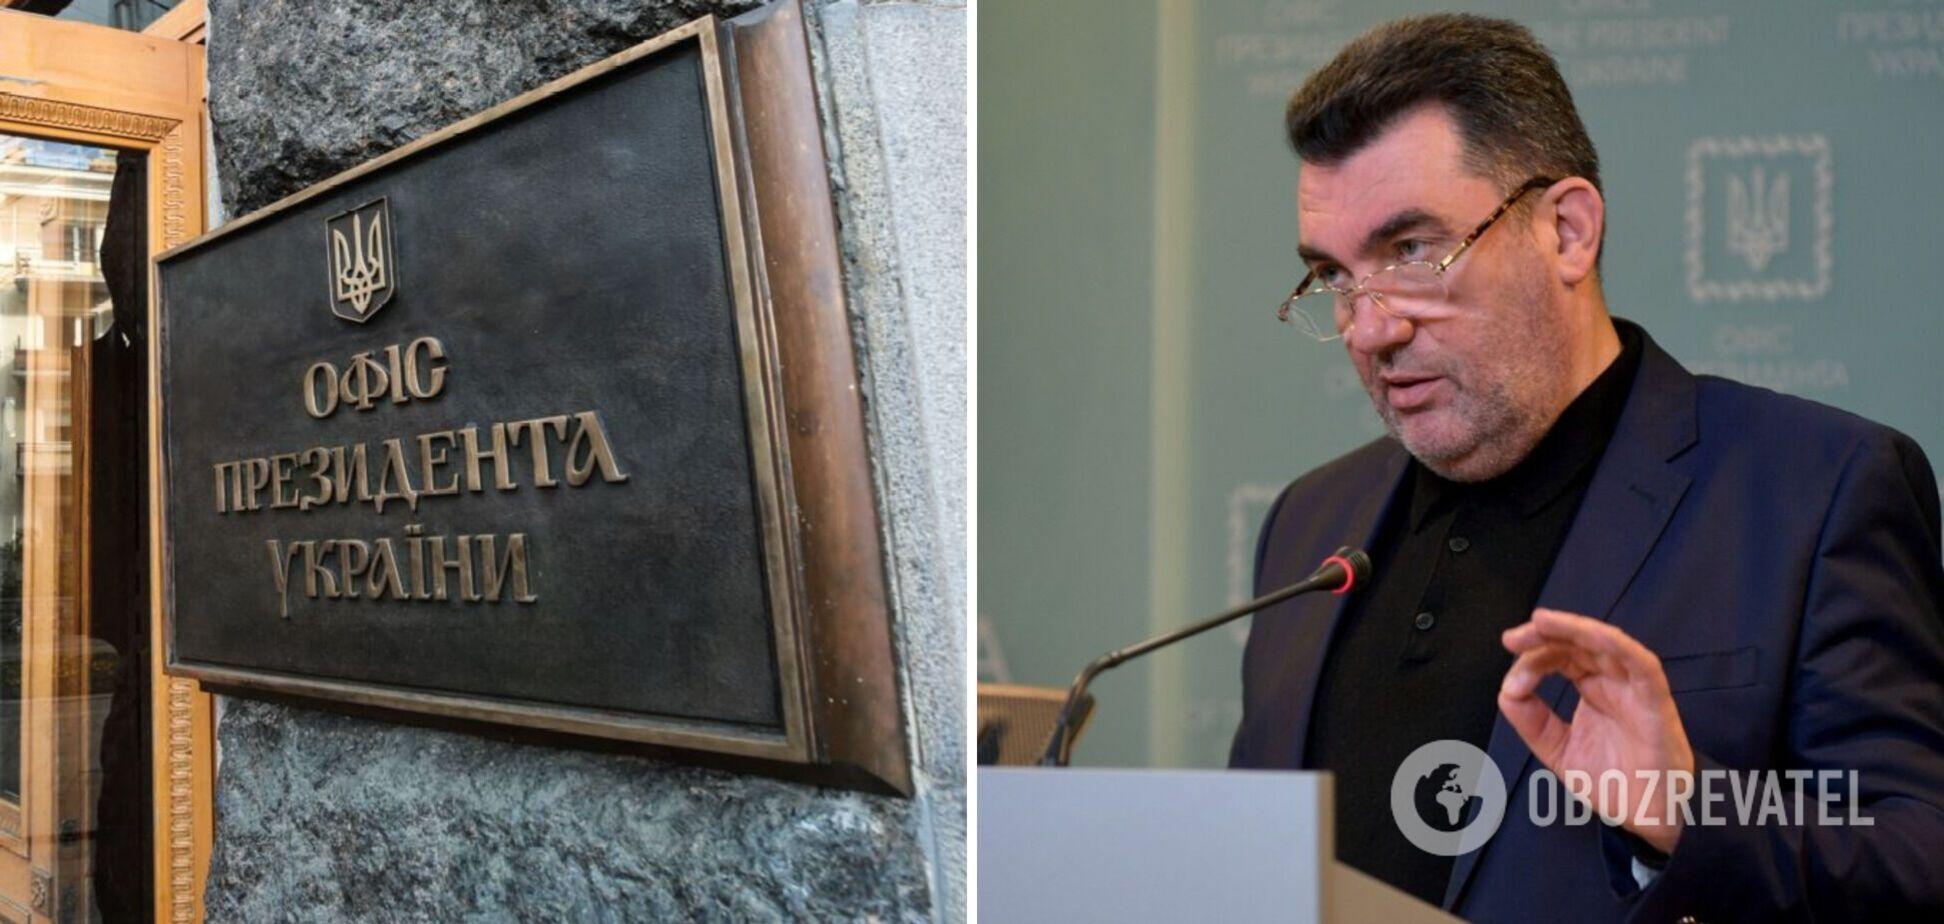 Данилов заявил, что поддерживает идею жесткой президентской республики в Украине, и назвал причины